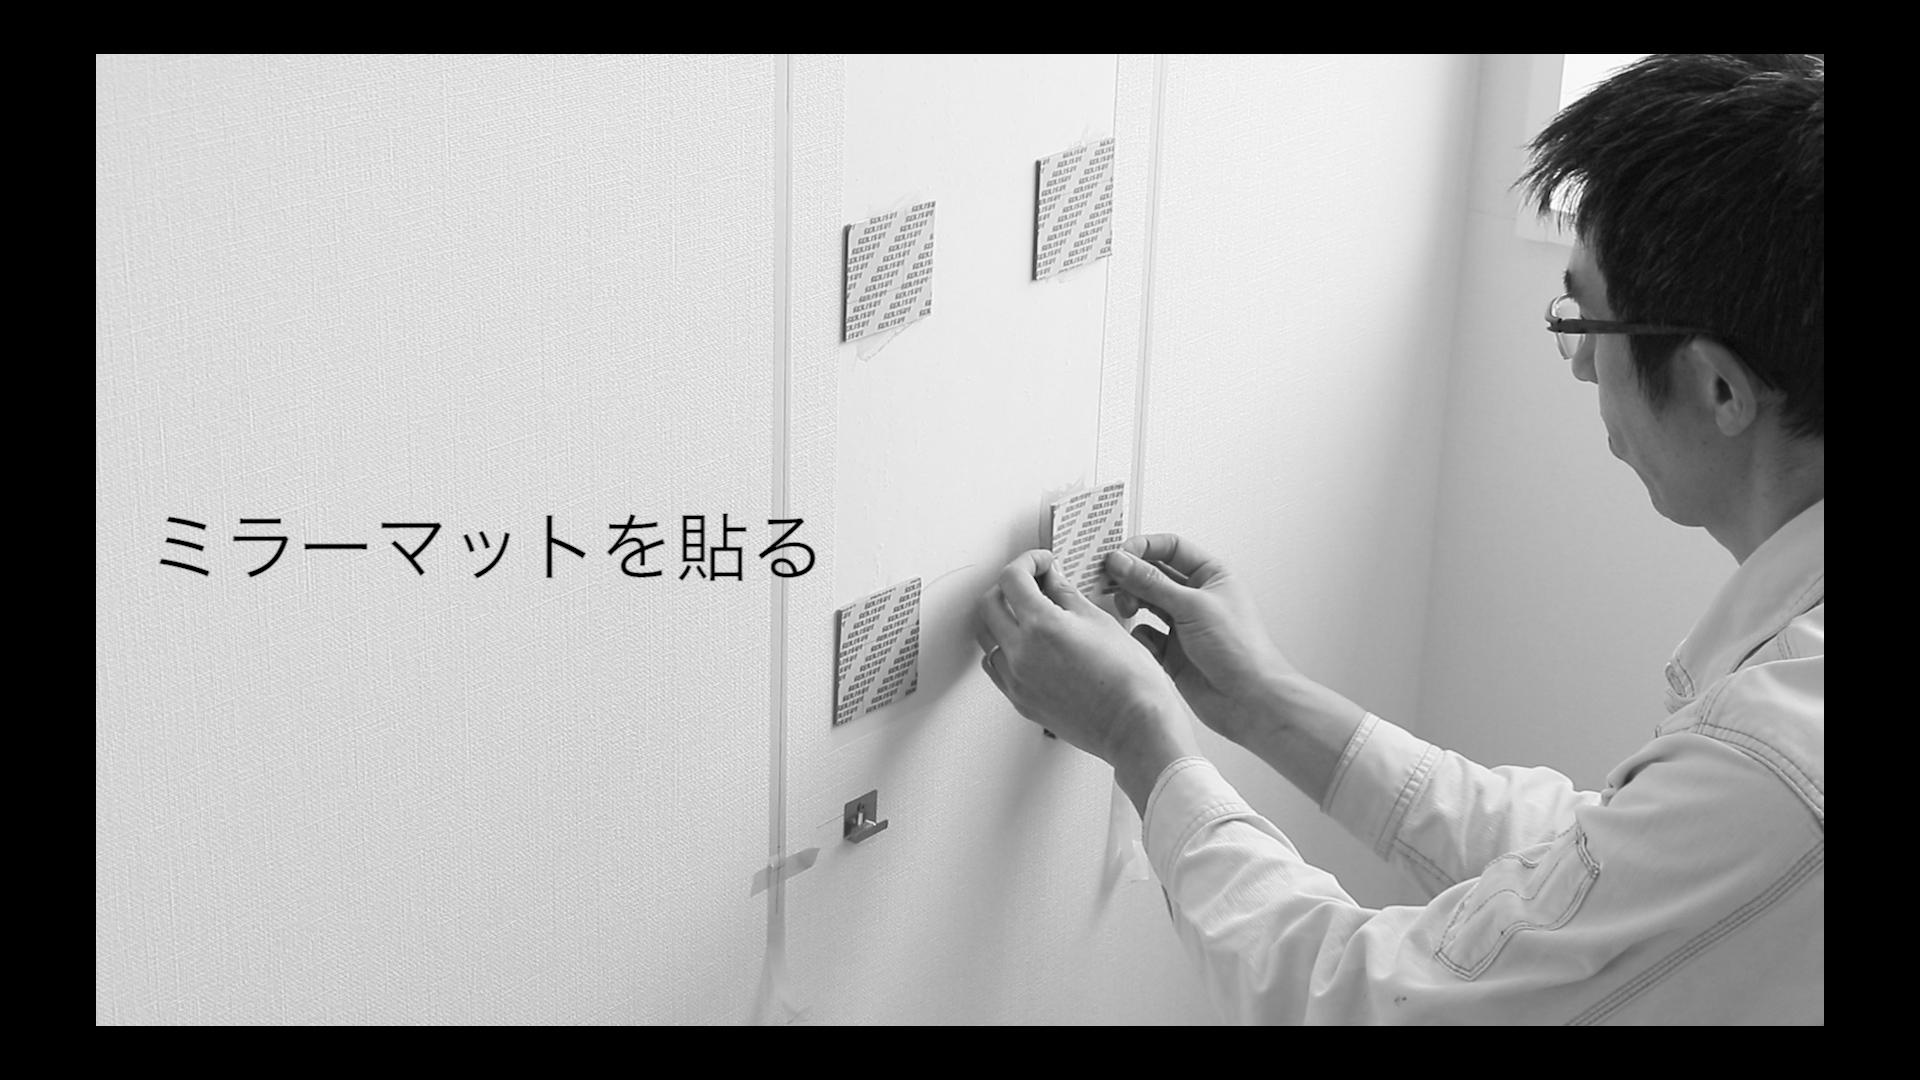 4.ミラーマットを壁面に貼る